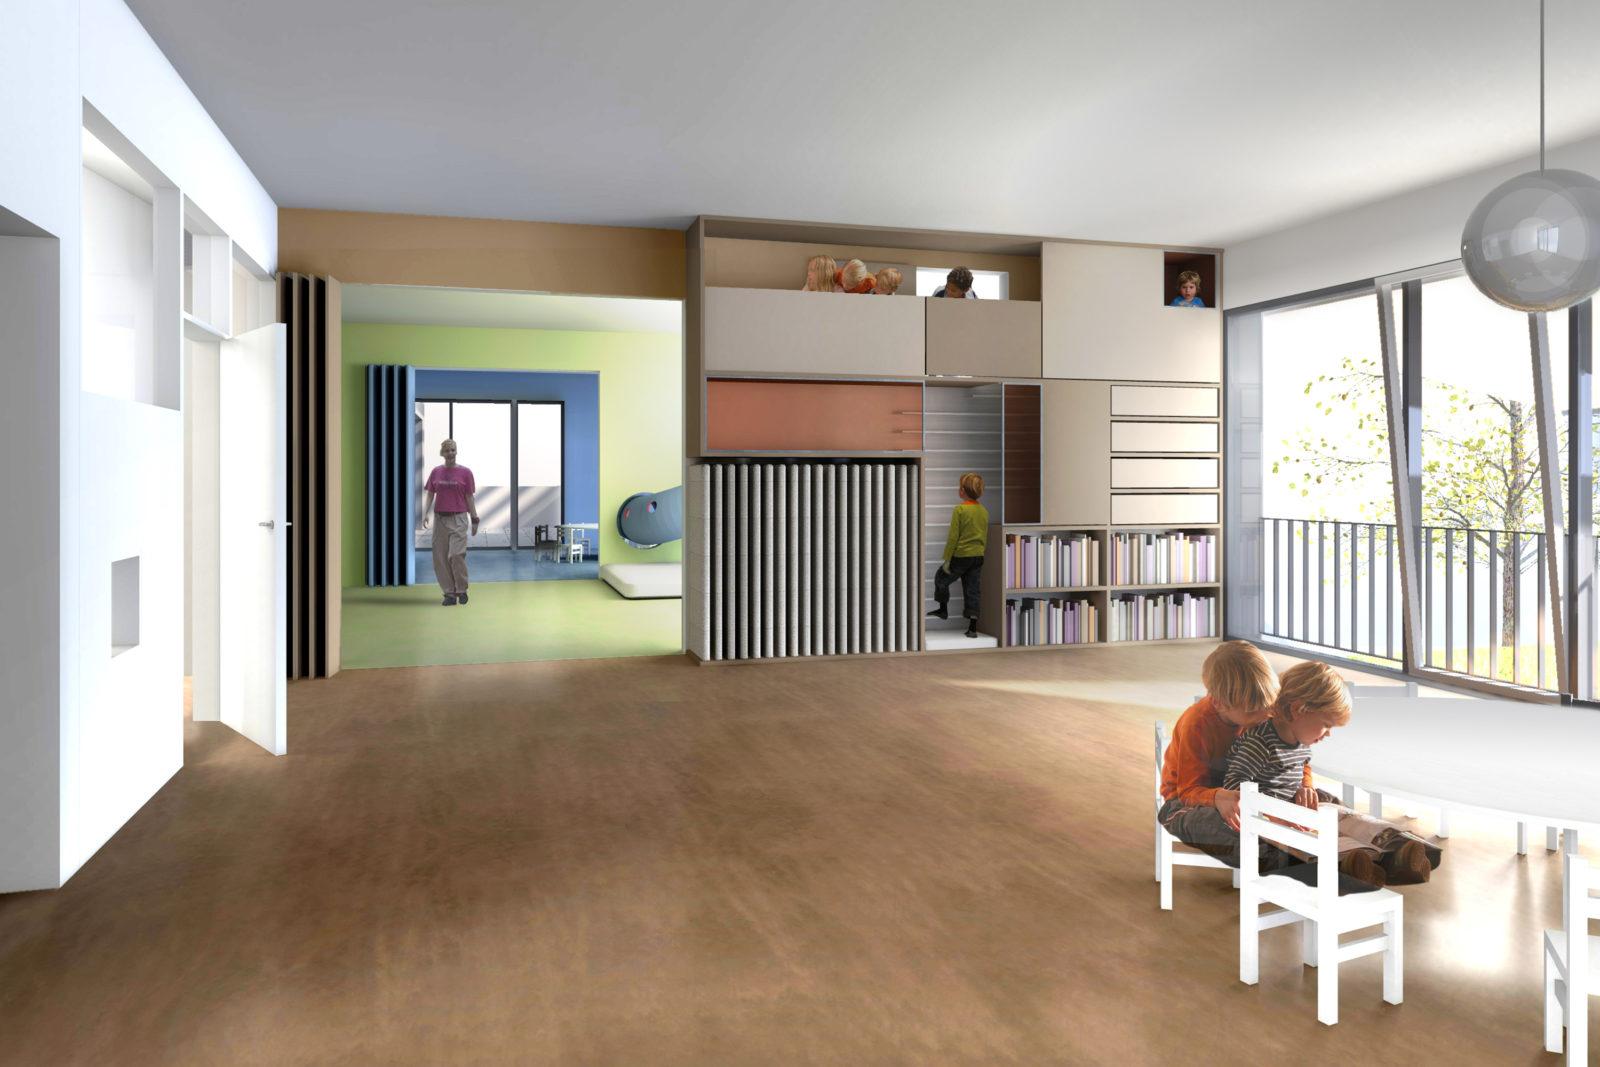 Neubau Kita Blumenstraße in Leipzig, Gohlis - Blick in einen Gruppenraum